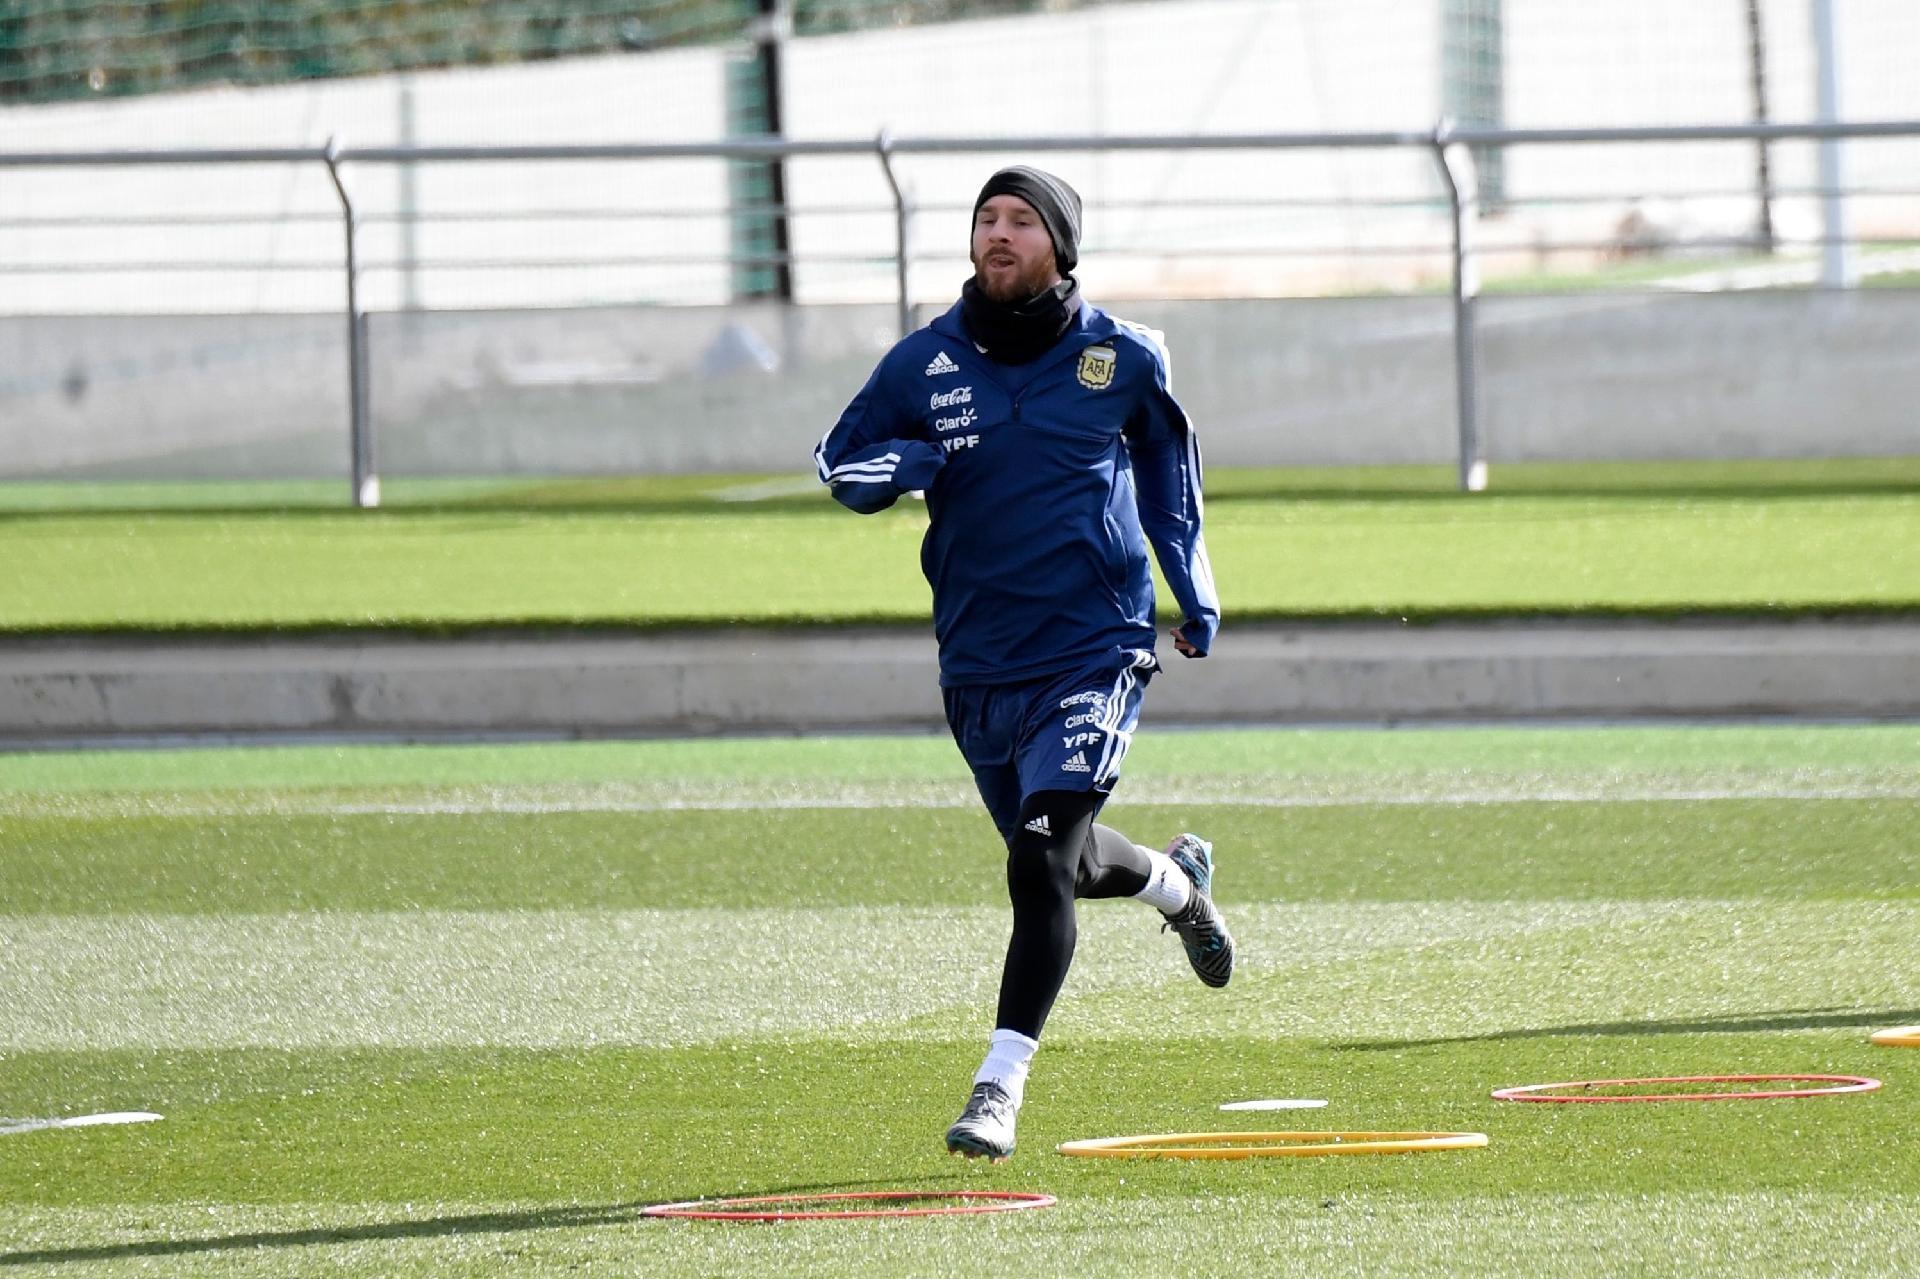 Copa do Mundo 2018  Lionel Messi treina e deve reforçar Argentina em  amistoso com a Espanha - UOL Copa do Mundo 2018 372e8312b94de